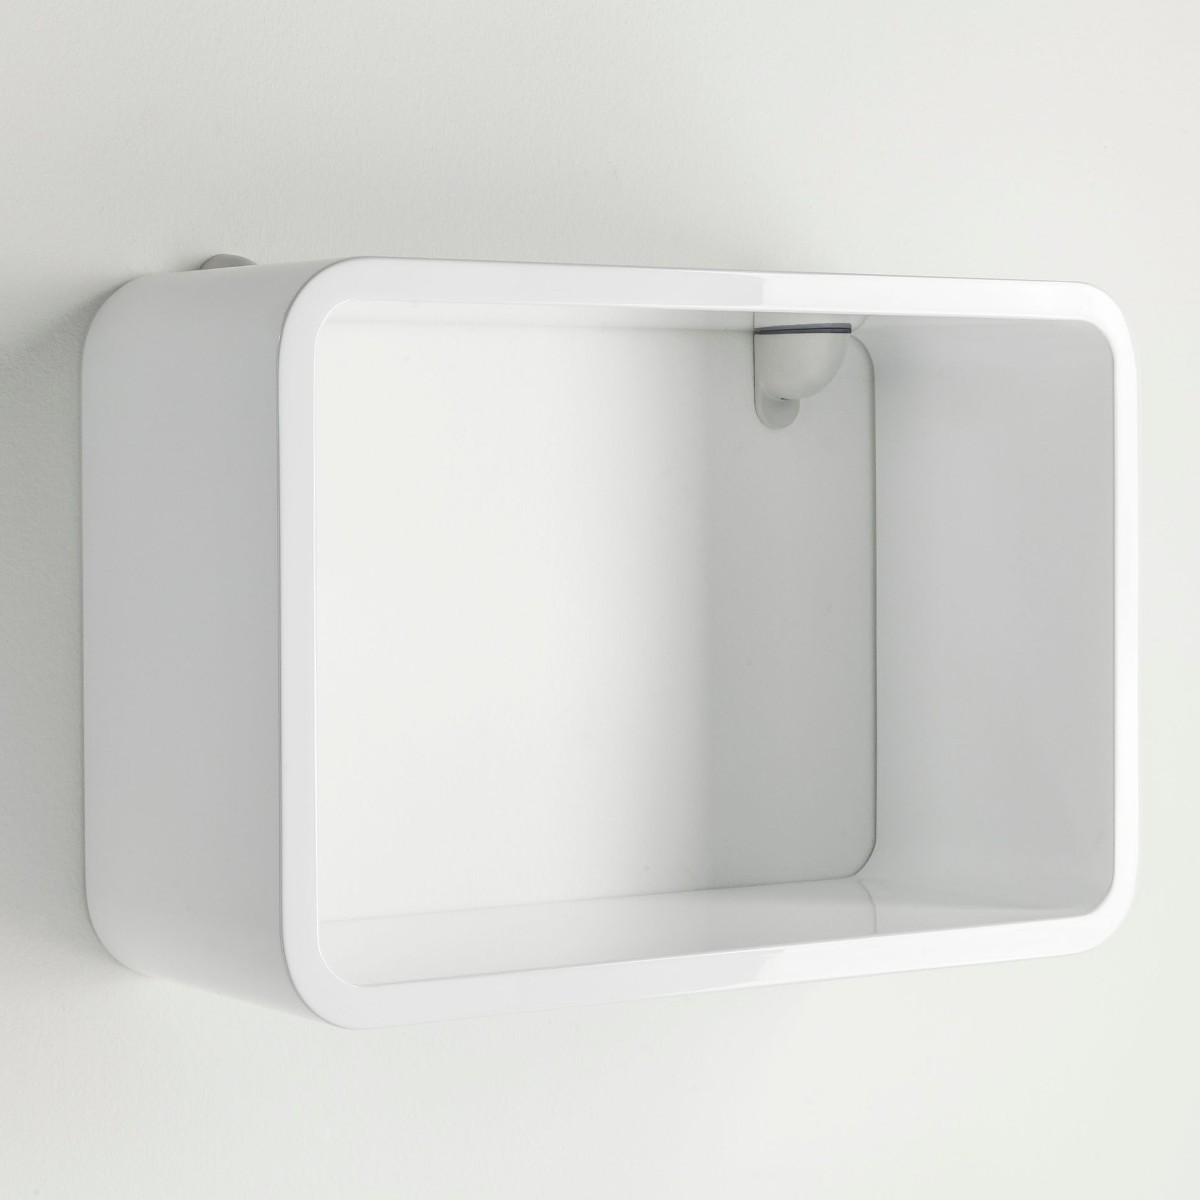 Mensola cubica a parete big matrioska in legno bianco 60 x for Mensole legno bianco